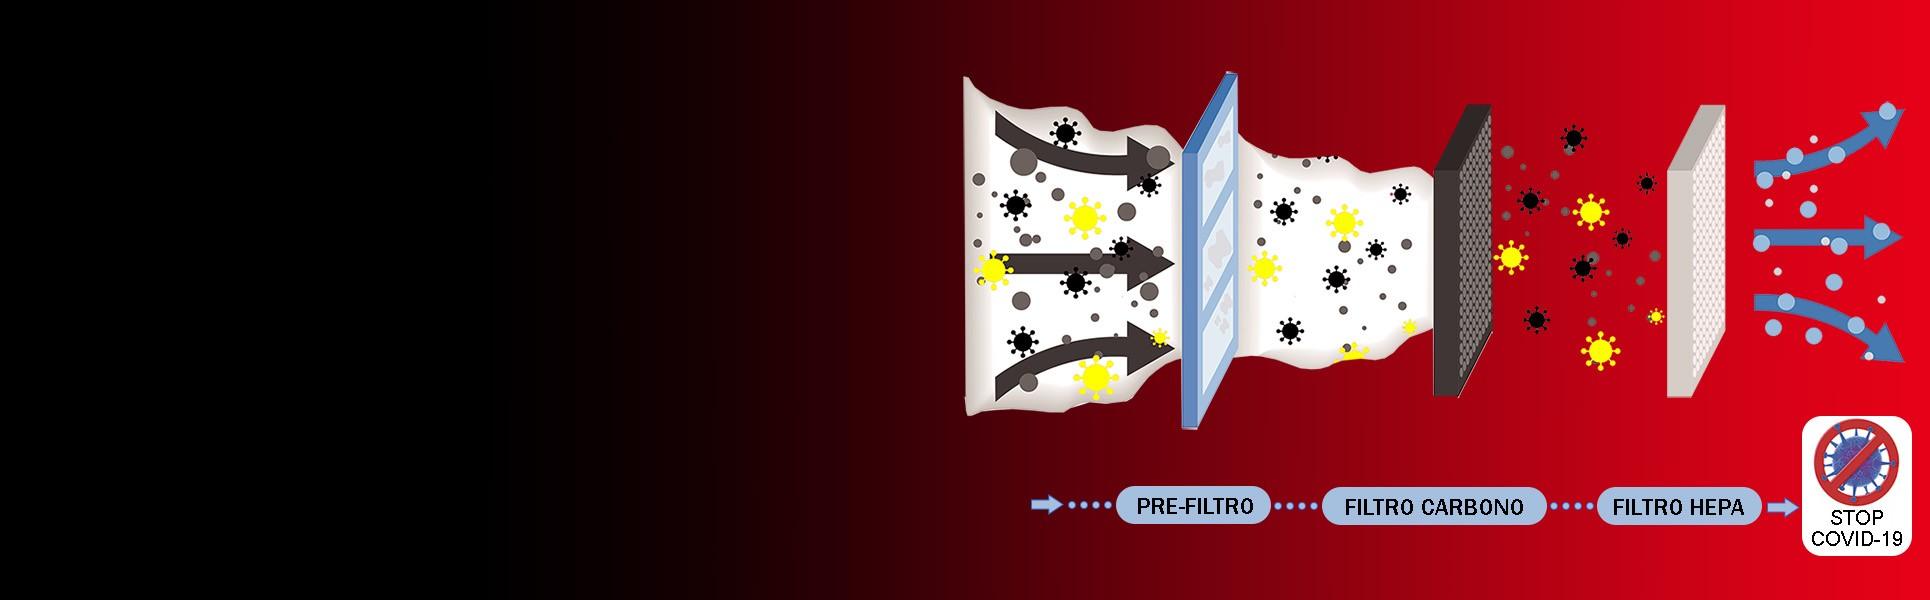 medios filtrantes hepa de Mediclinics